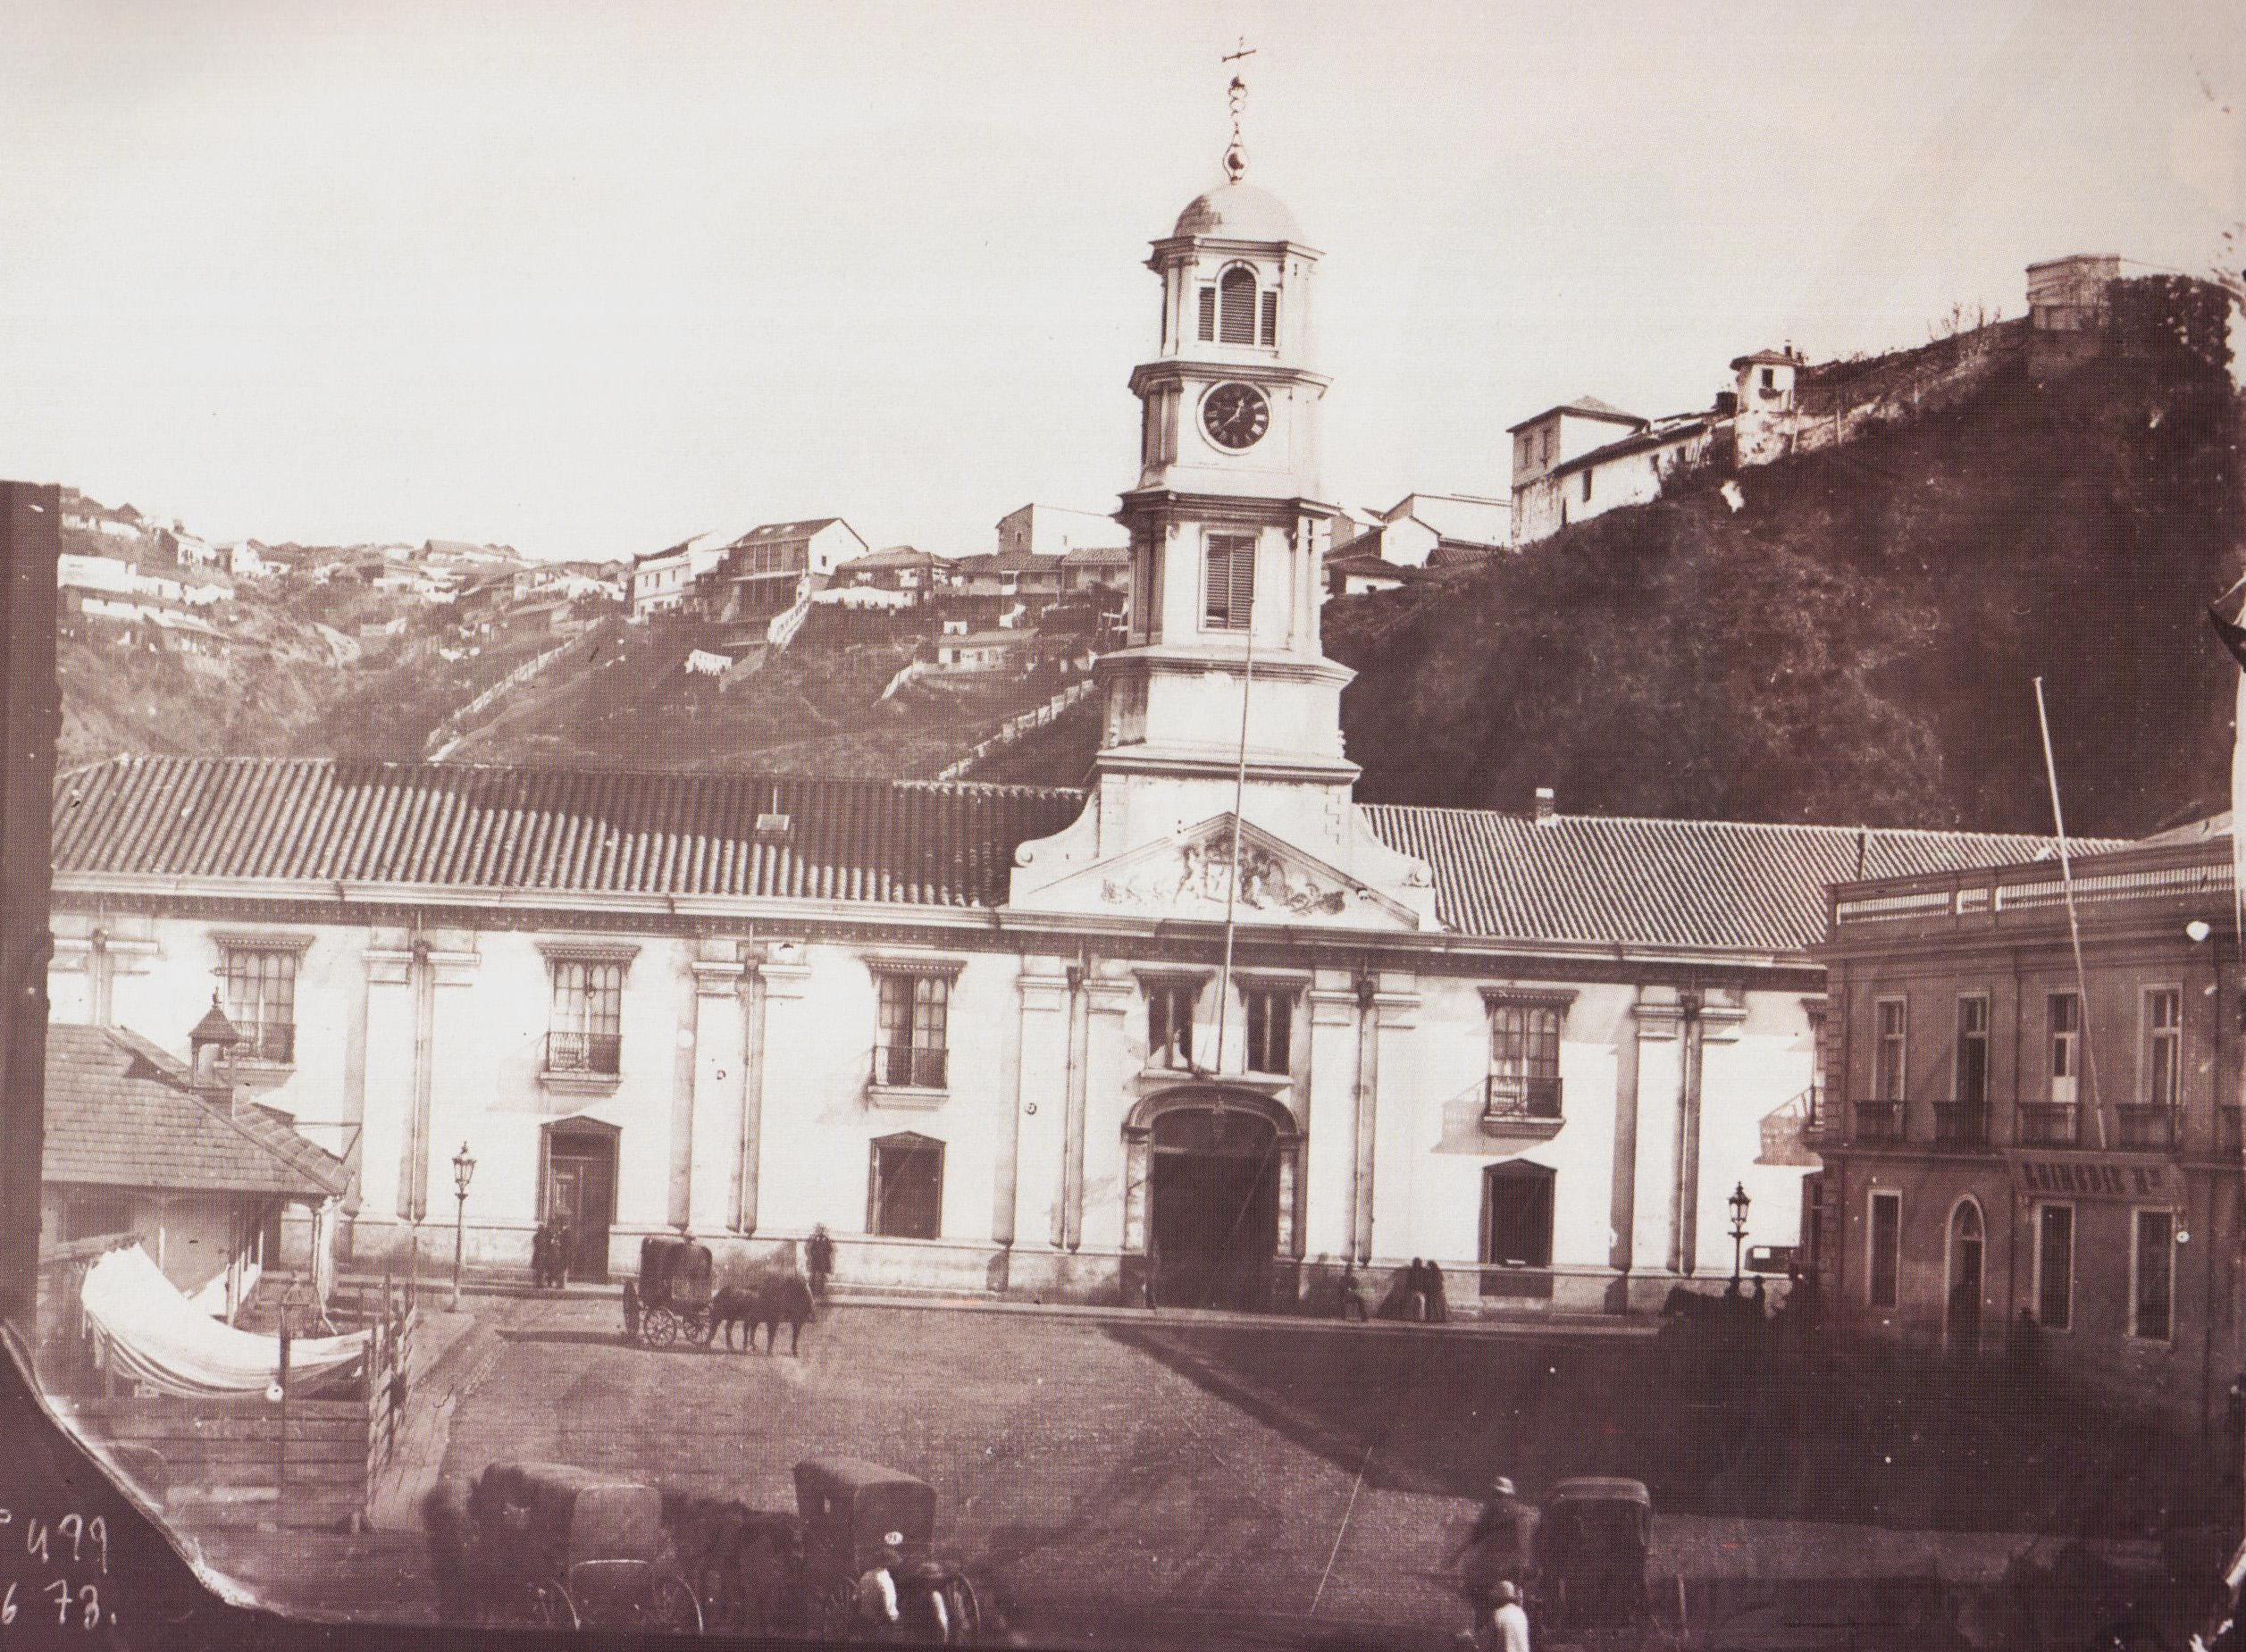 Enterreno - Fotos históricas de chile - fotos antiguas de Chile - Palacio de la Intendencia en Valparaíso año 1864